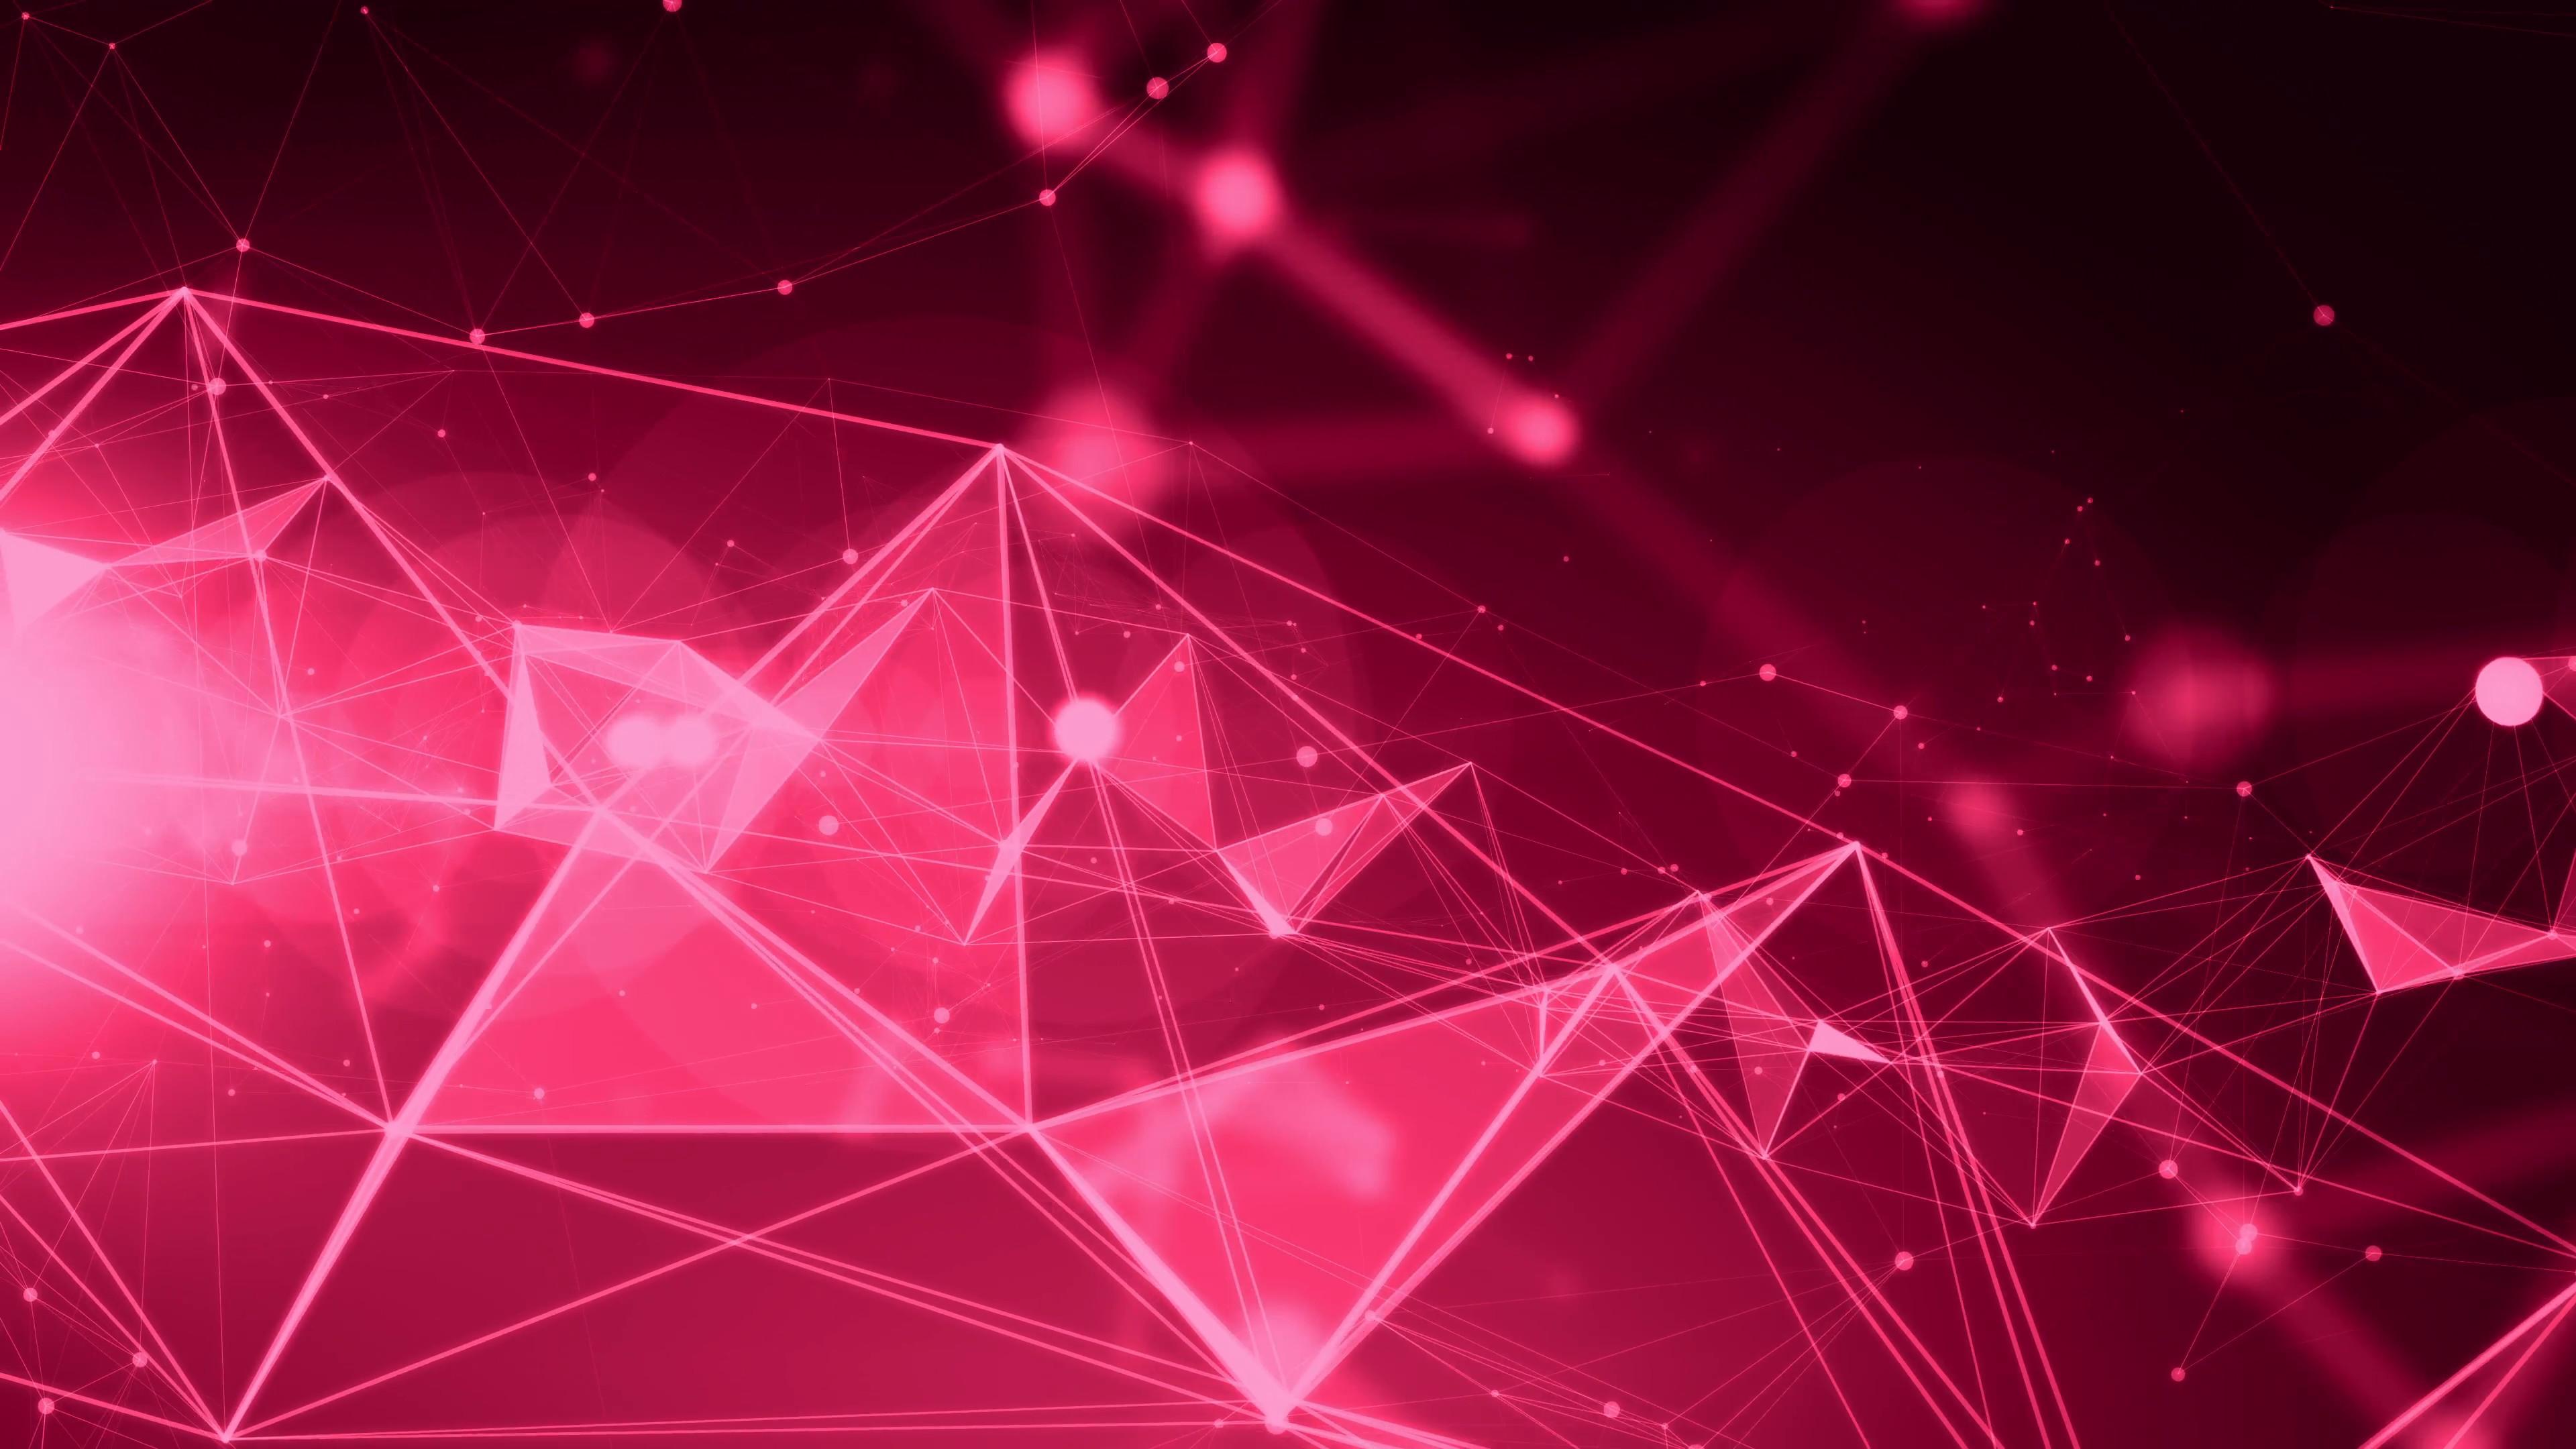 Pink background image wallpapertag - Pink wallpaper 4k ...